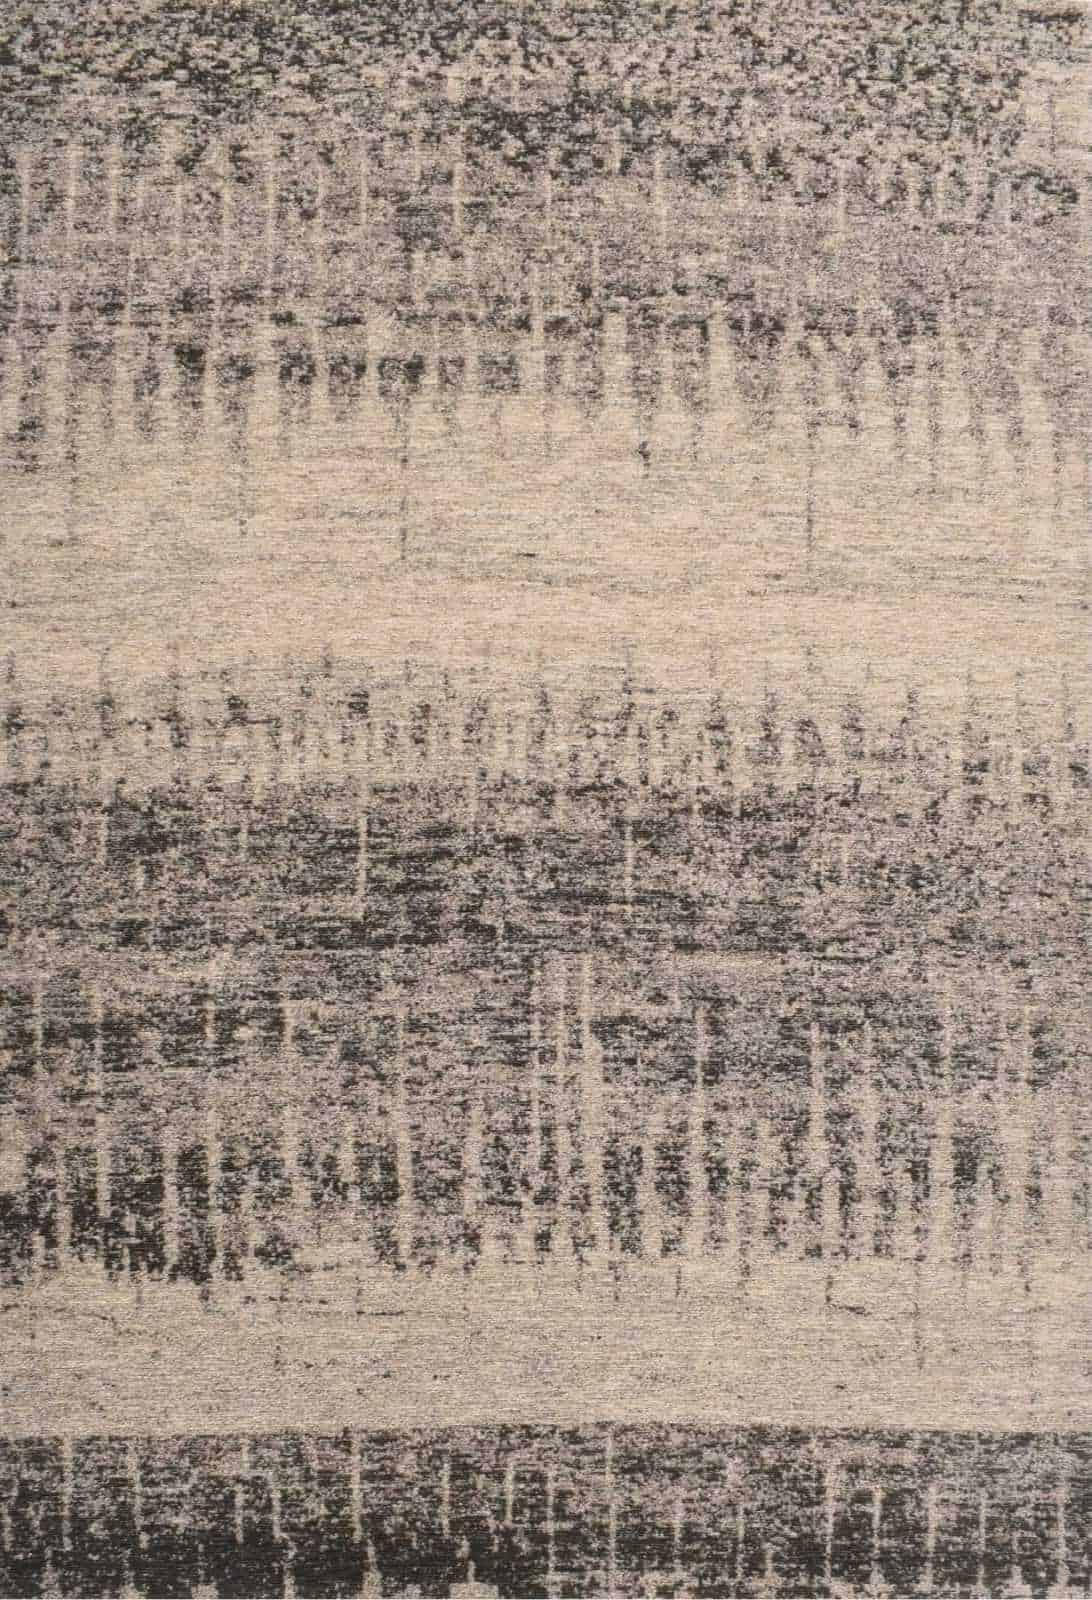 שטיח מודרני צבע אפור דוגמה אבסטרקטית